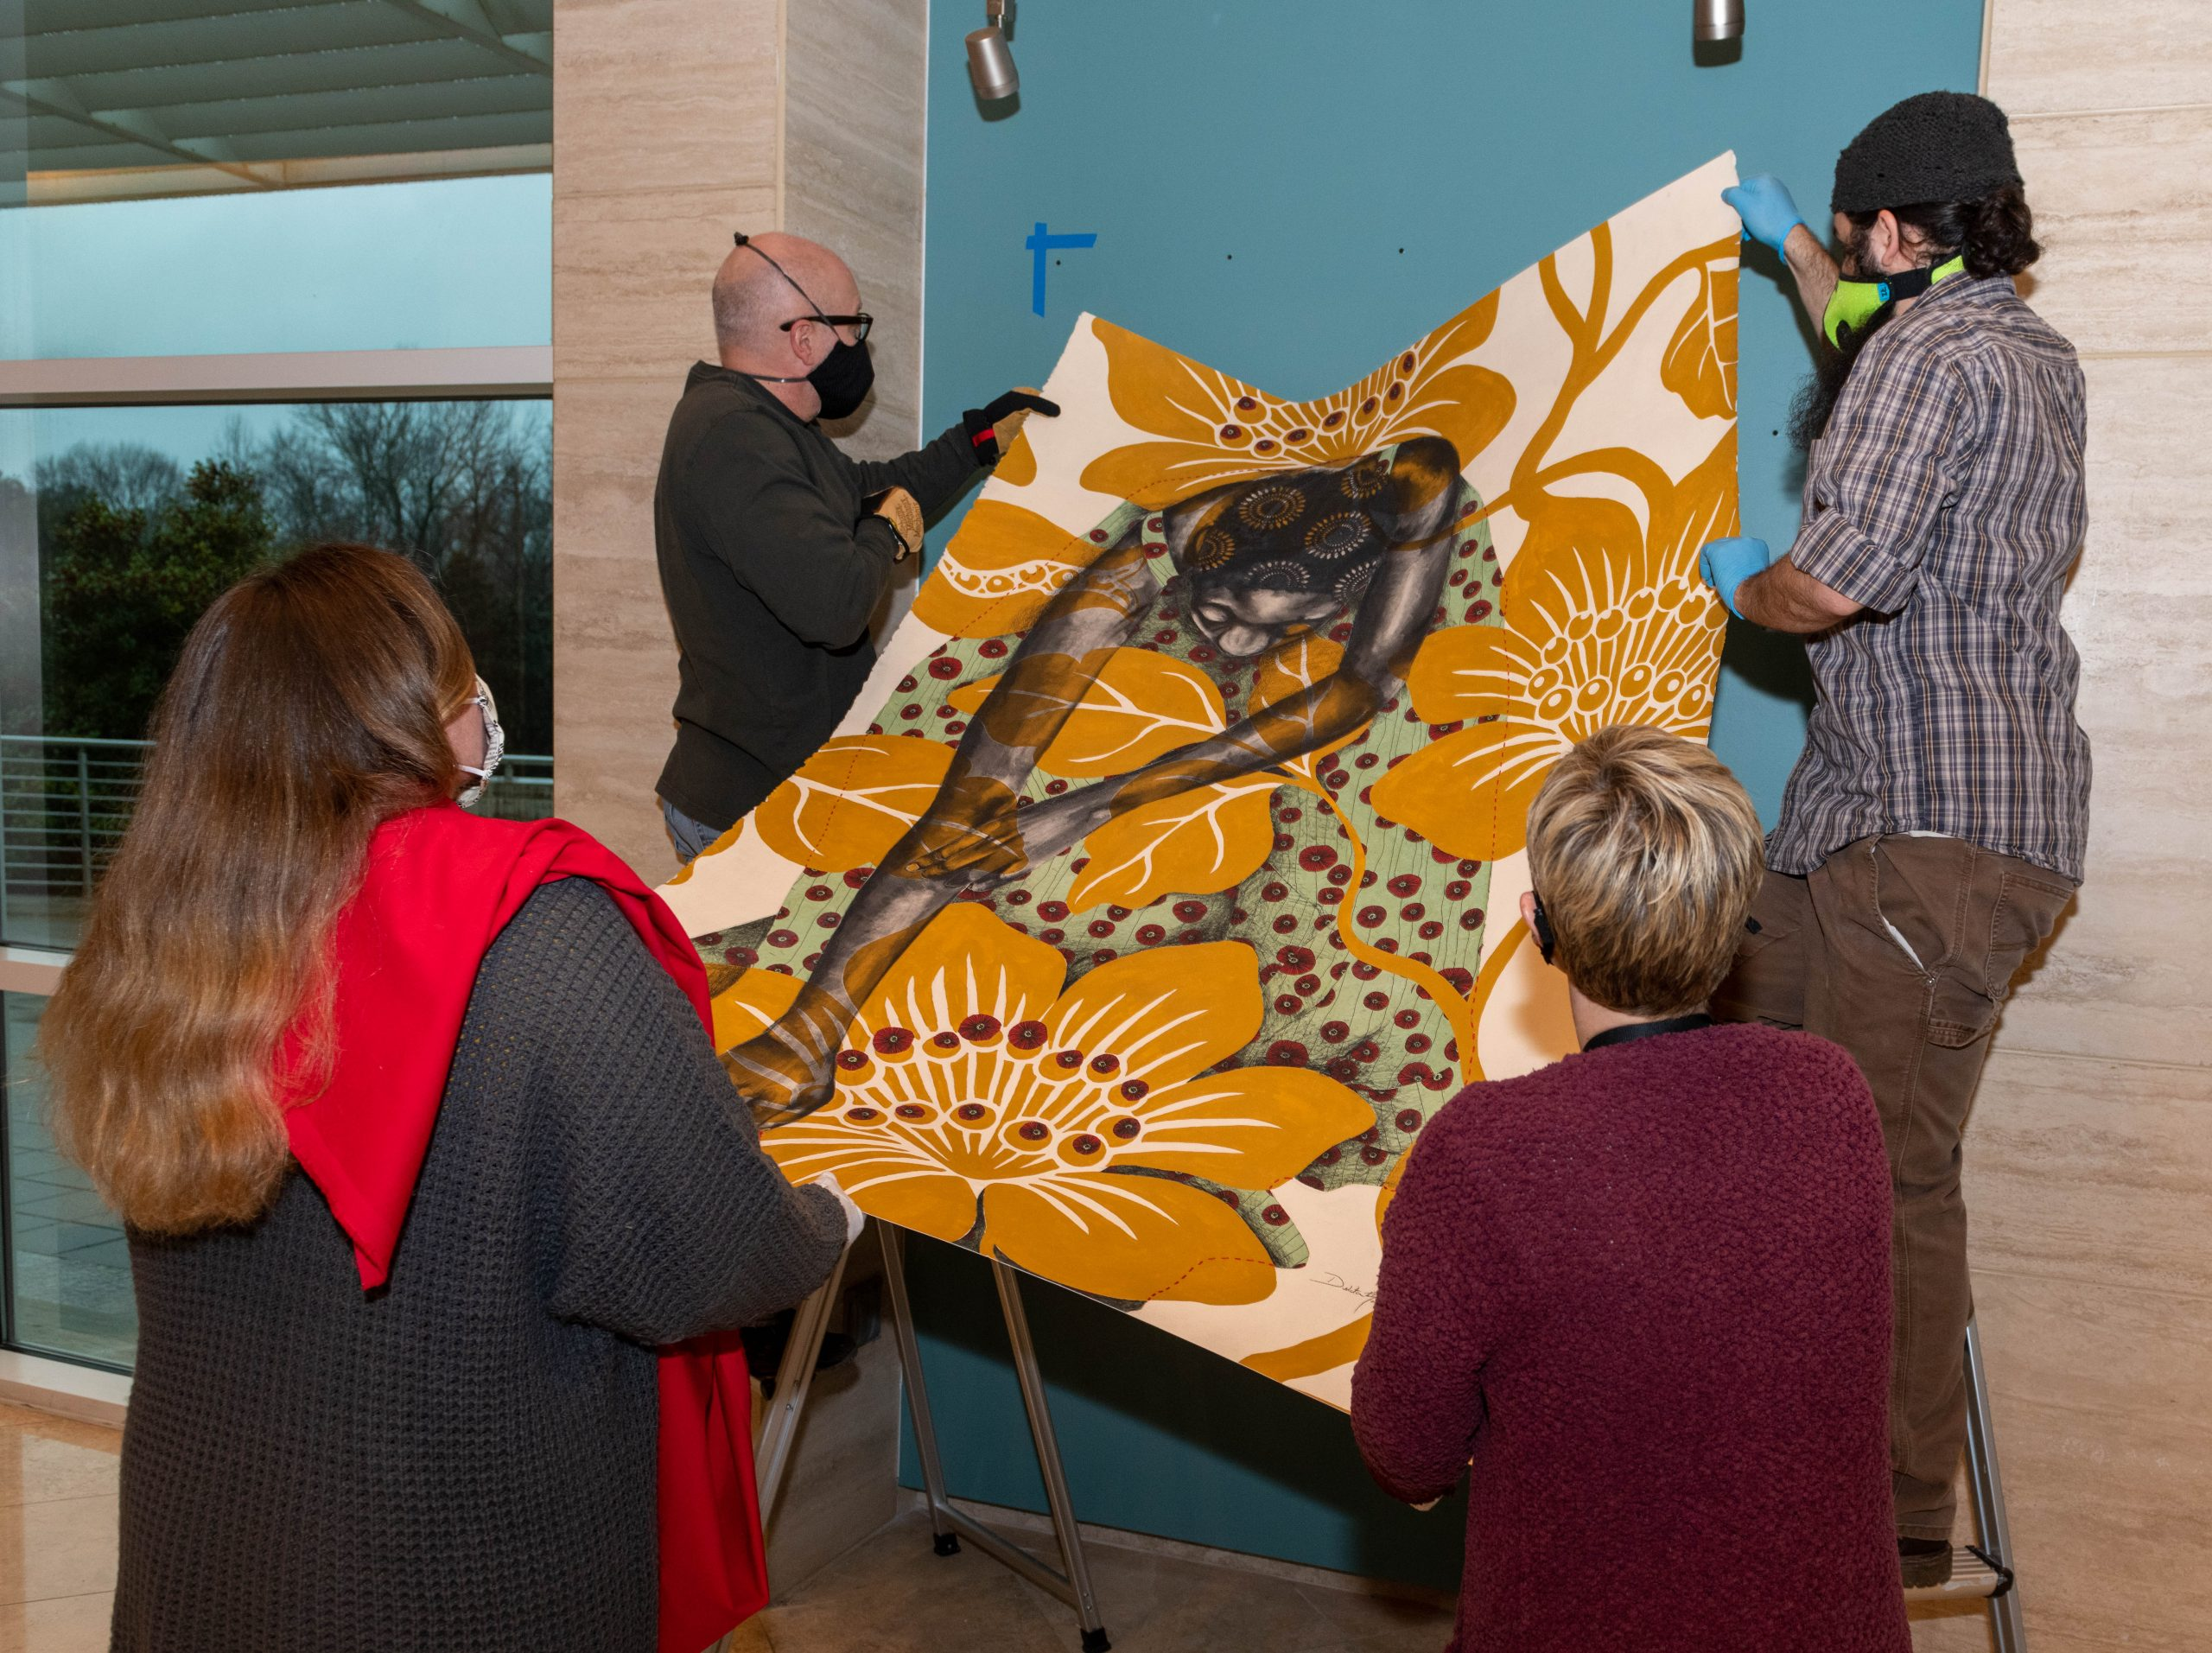 Museum staff install an artwork.